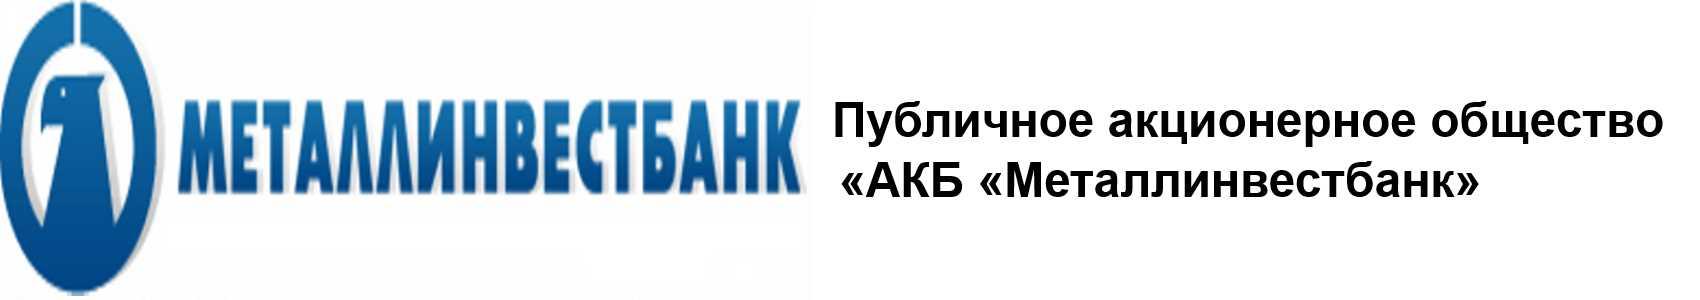 ПАО «АКБ «Металлинвестбанк»